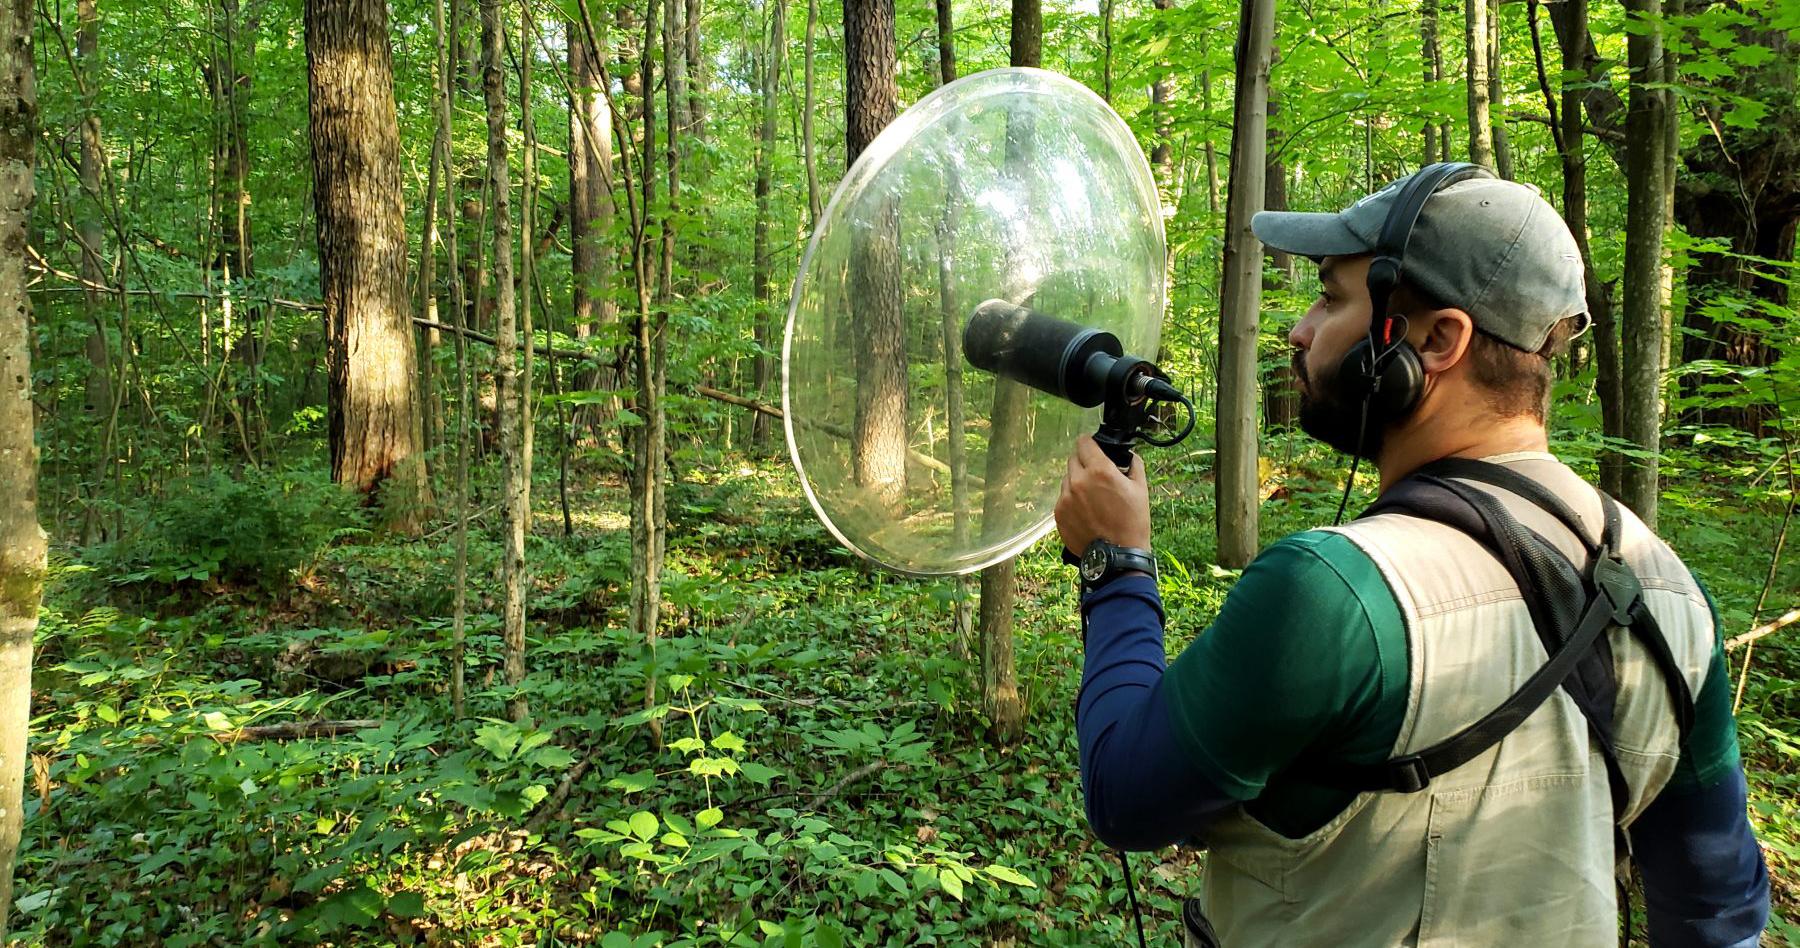 Parabola recording